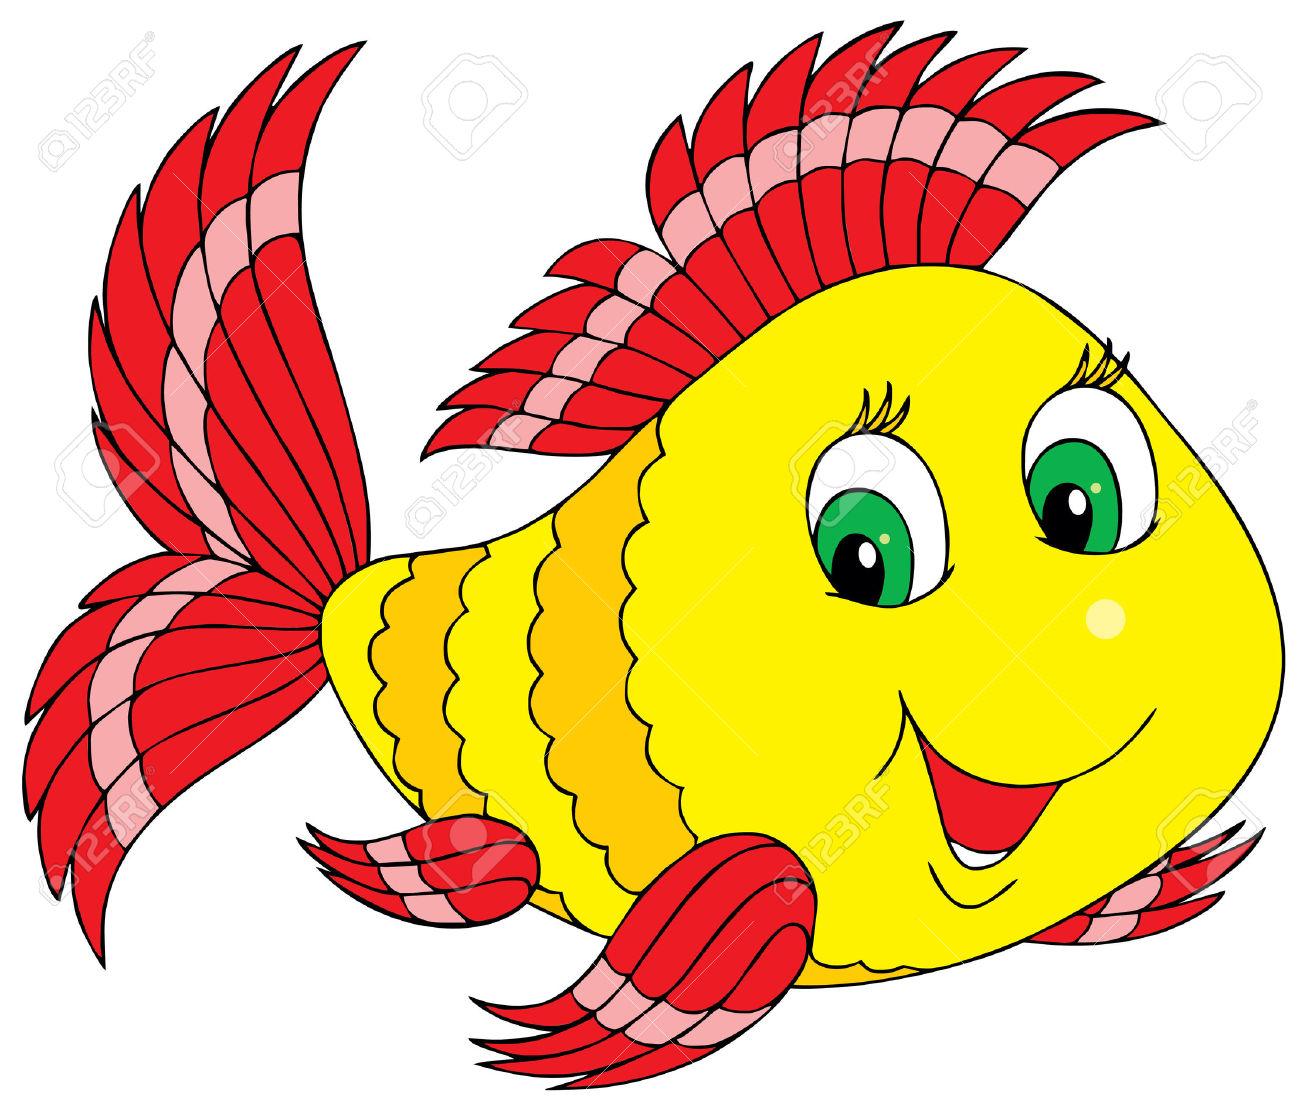 Angelfish clipart beautiful fish Fish art  #2816 Cartoon